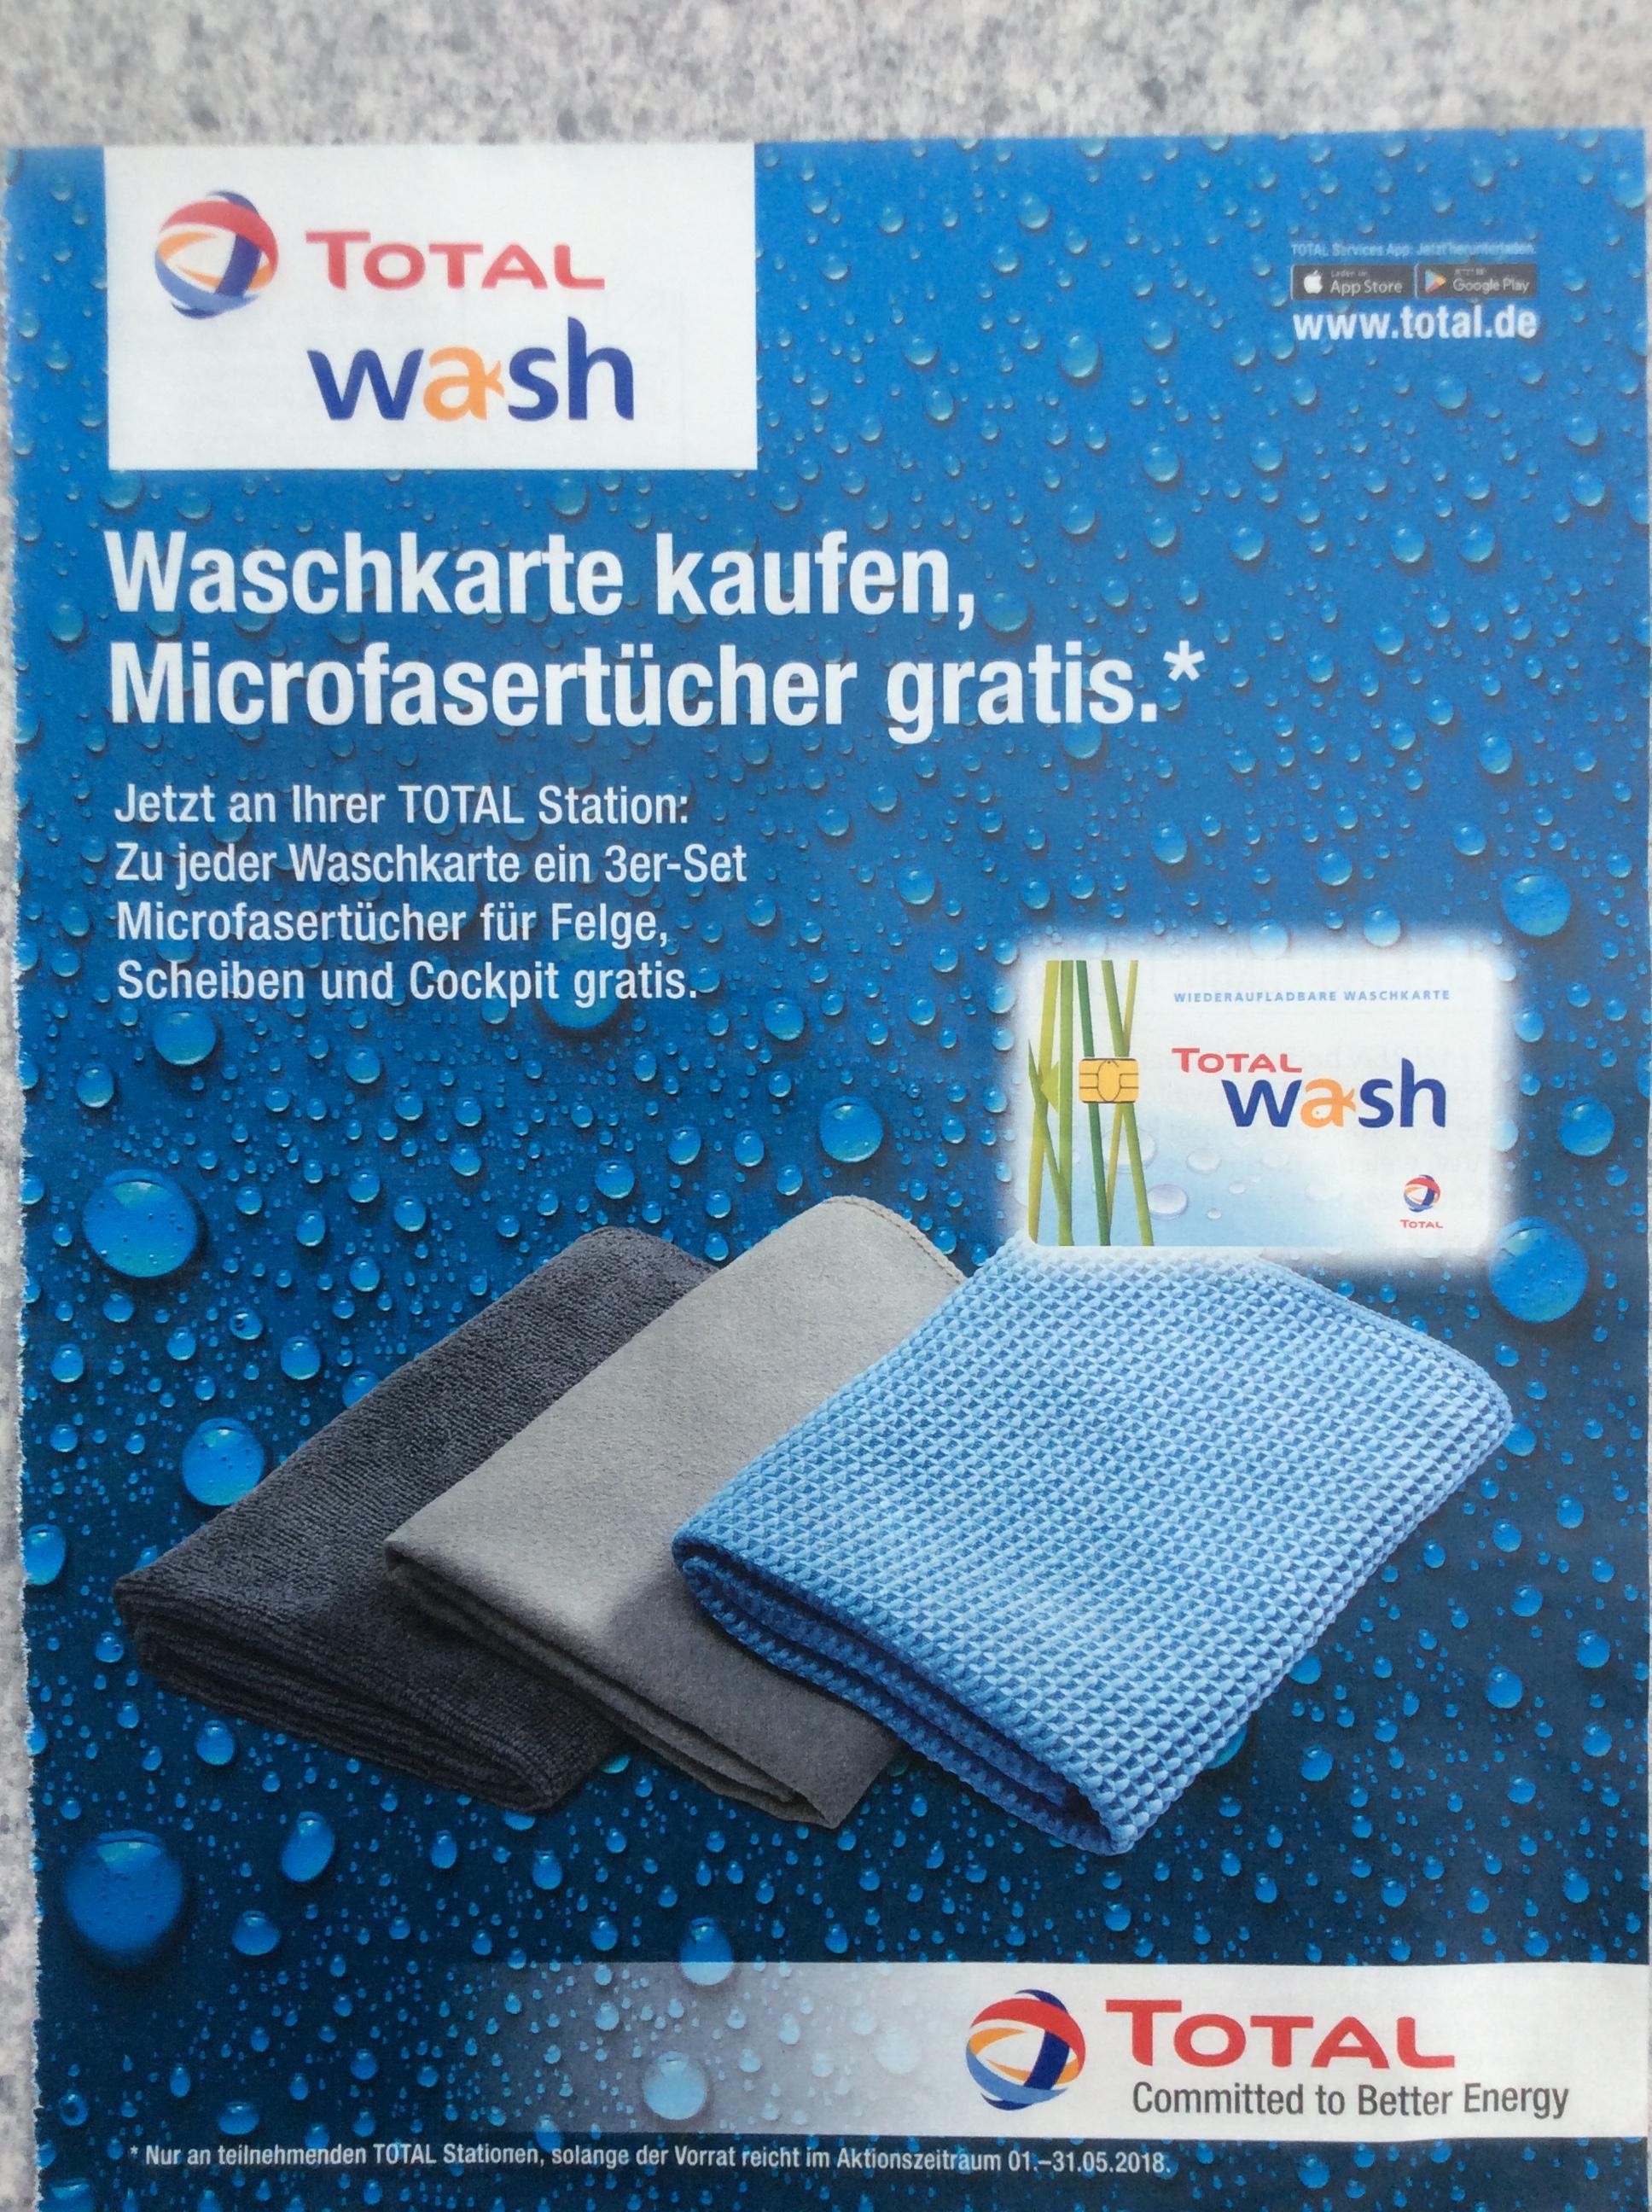 (TOTAL) Waschkarte kaufen und 3 Microfasertücher erhalten